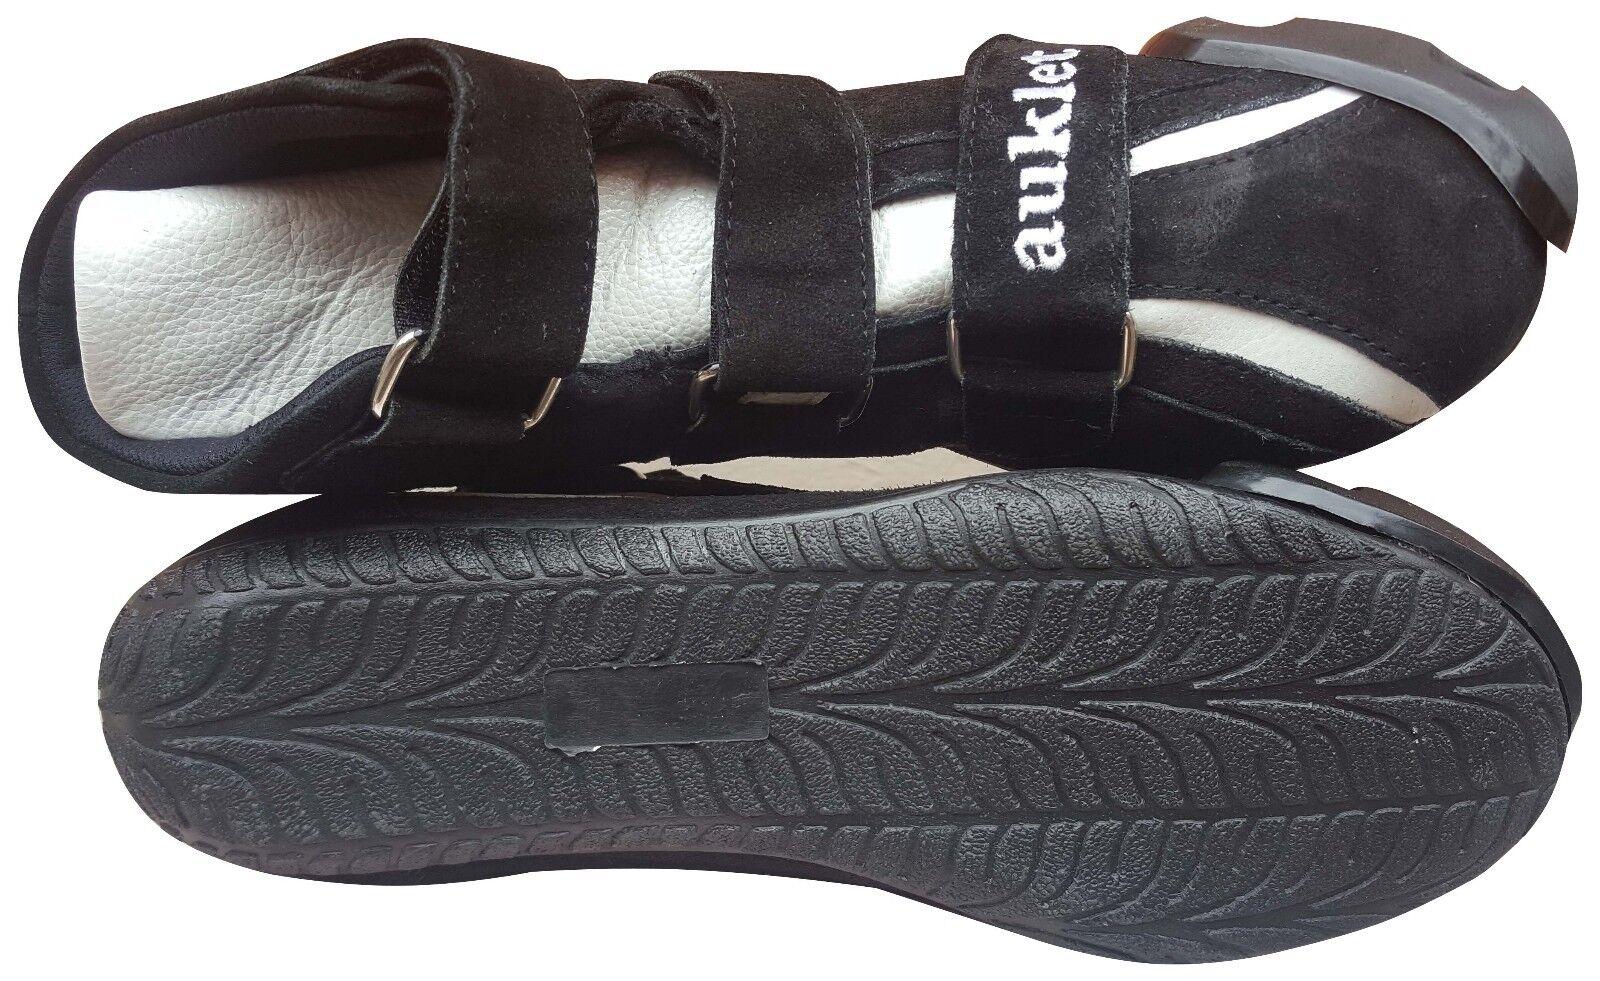 STIVALI scarpe minimoto Auklet scarpette MINI moto BAMBINO e ADULTO TAGLIA 39